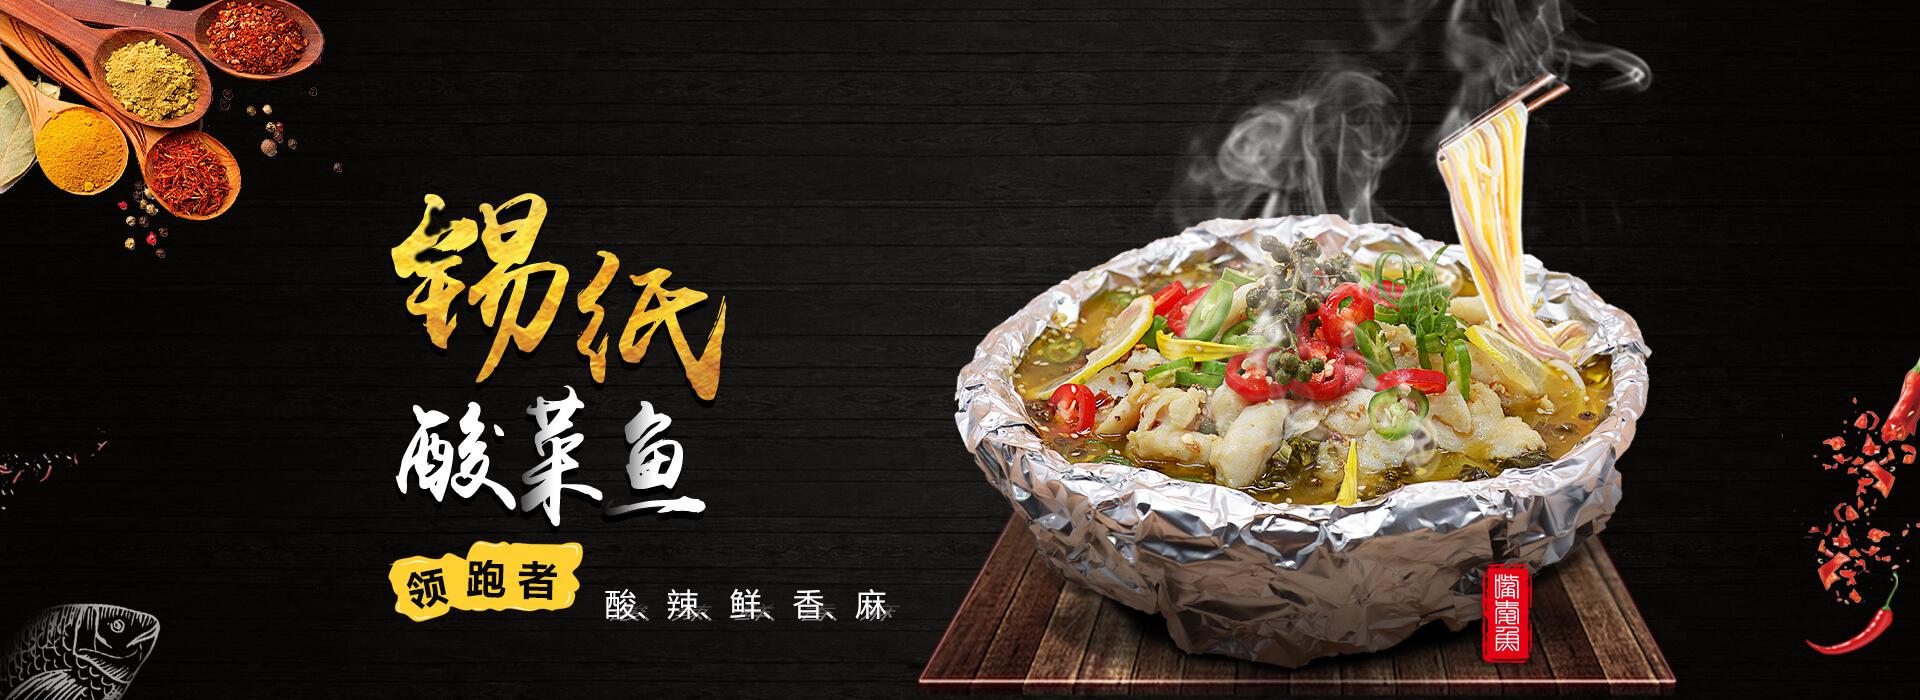 锡纸酸菜鱼